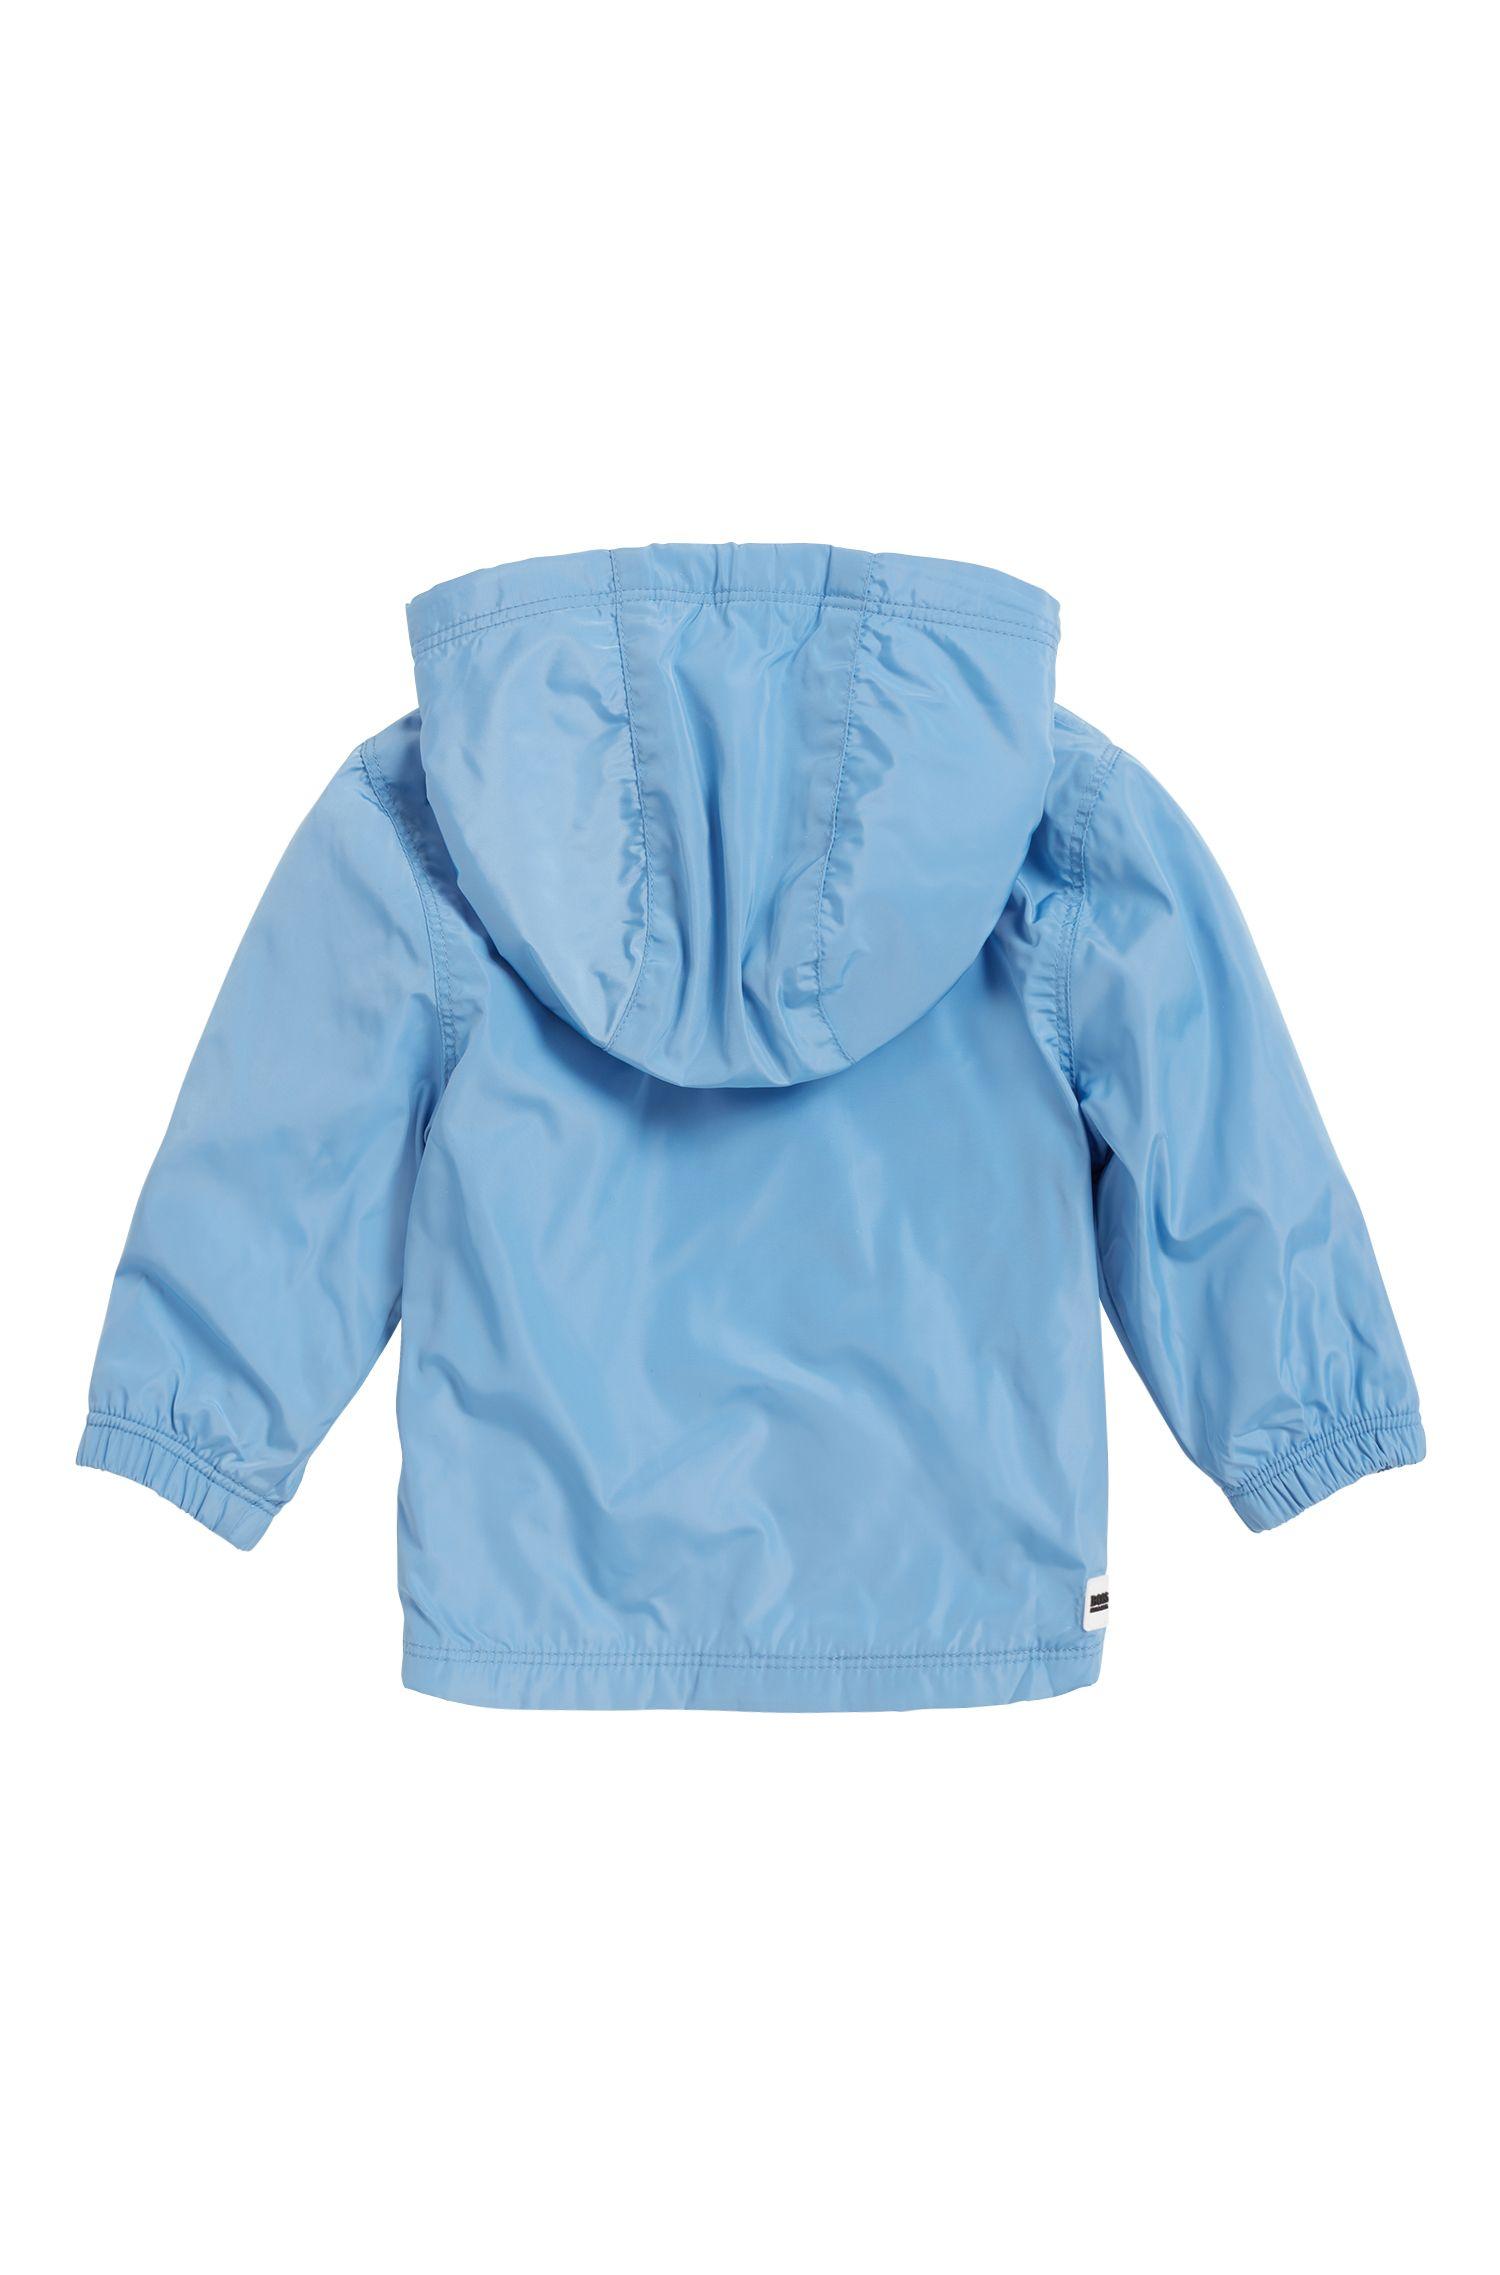 Cazadora cortavientos con forro de punto de algodón para niños